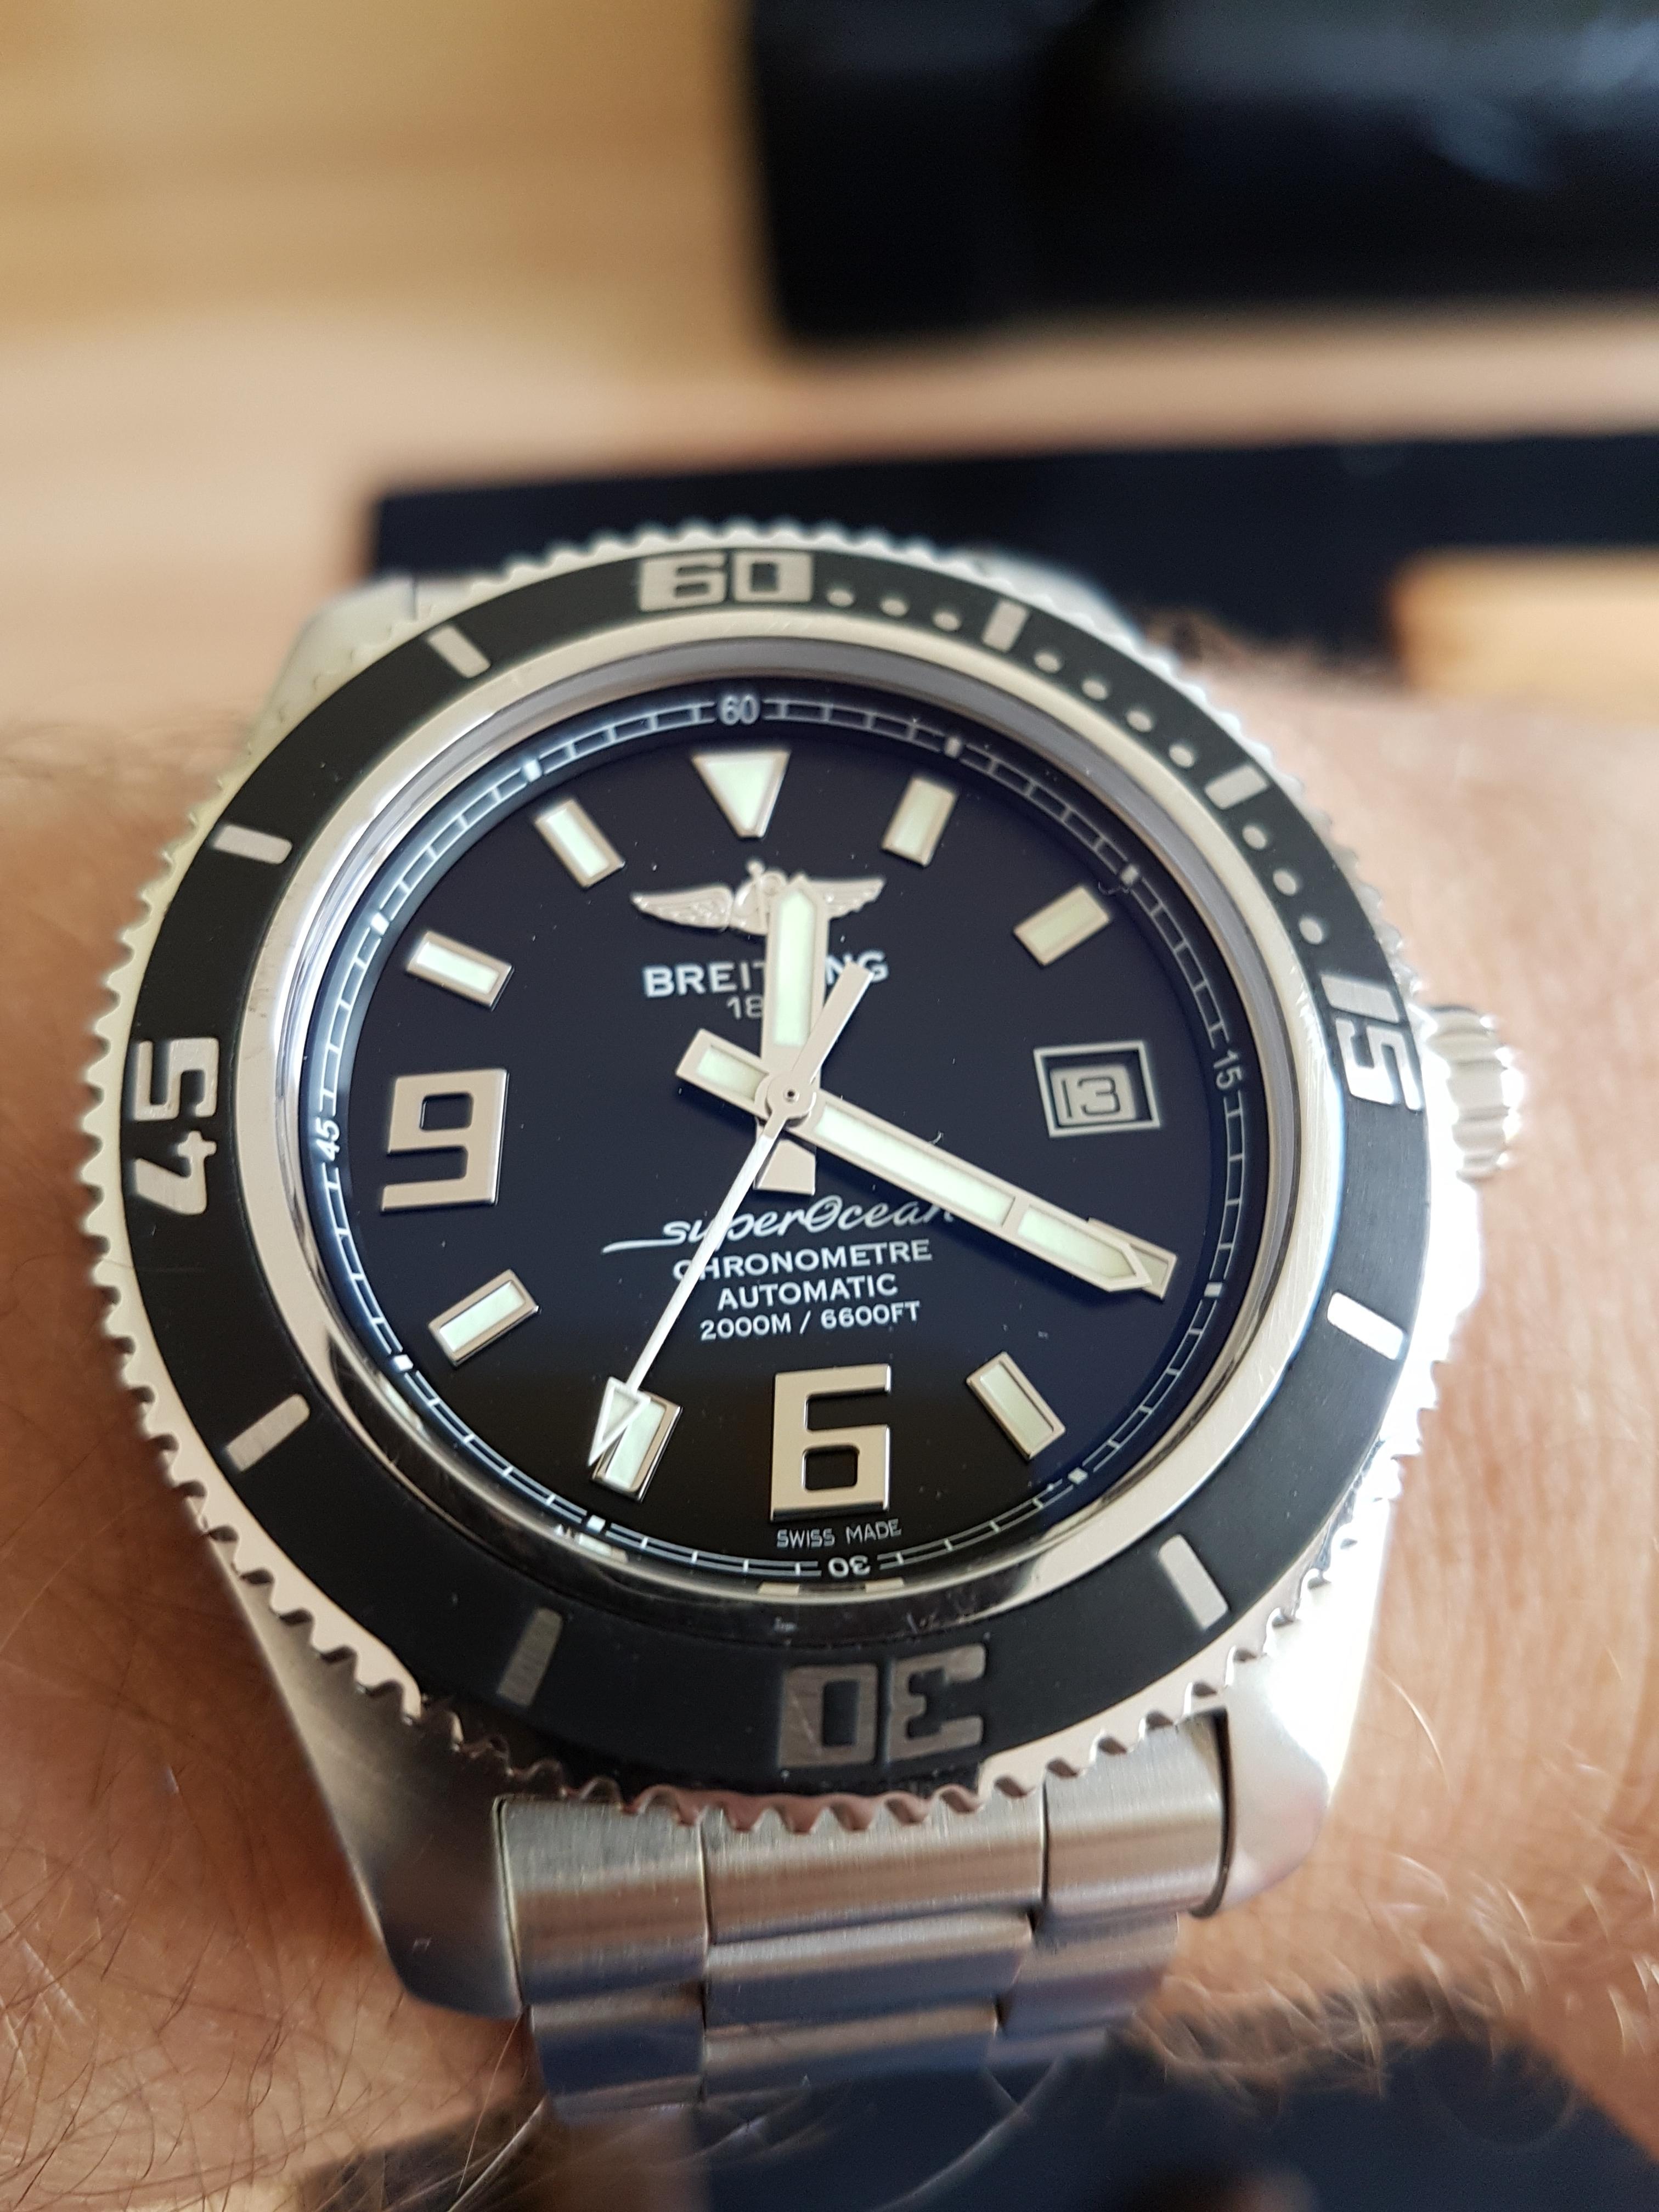 Breitling Superocean 44 >> NA: Breitling SuperOcean 44 - Algemene Horlogepraat - Horlogeforum.nl - het forum voor ...